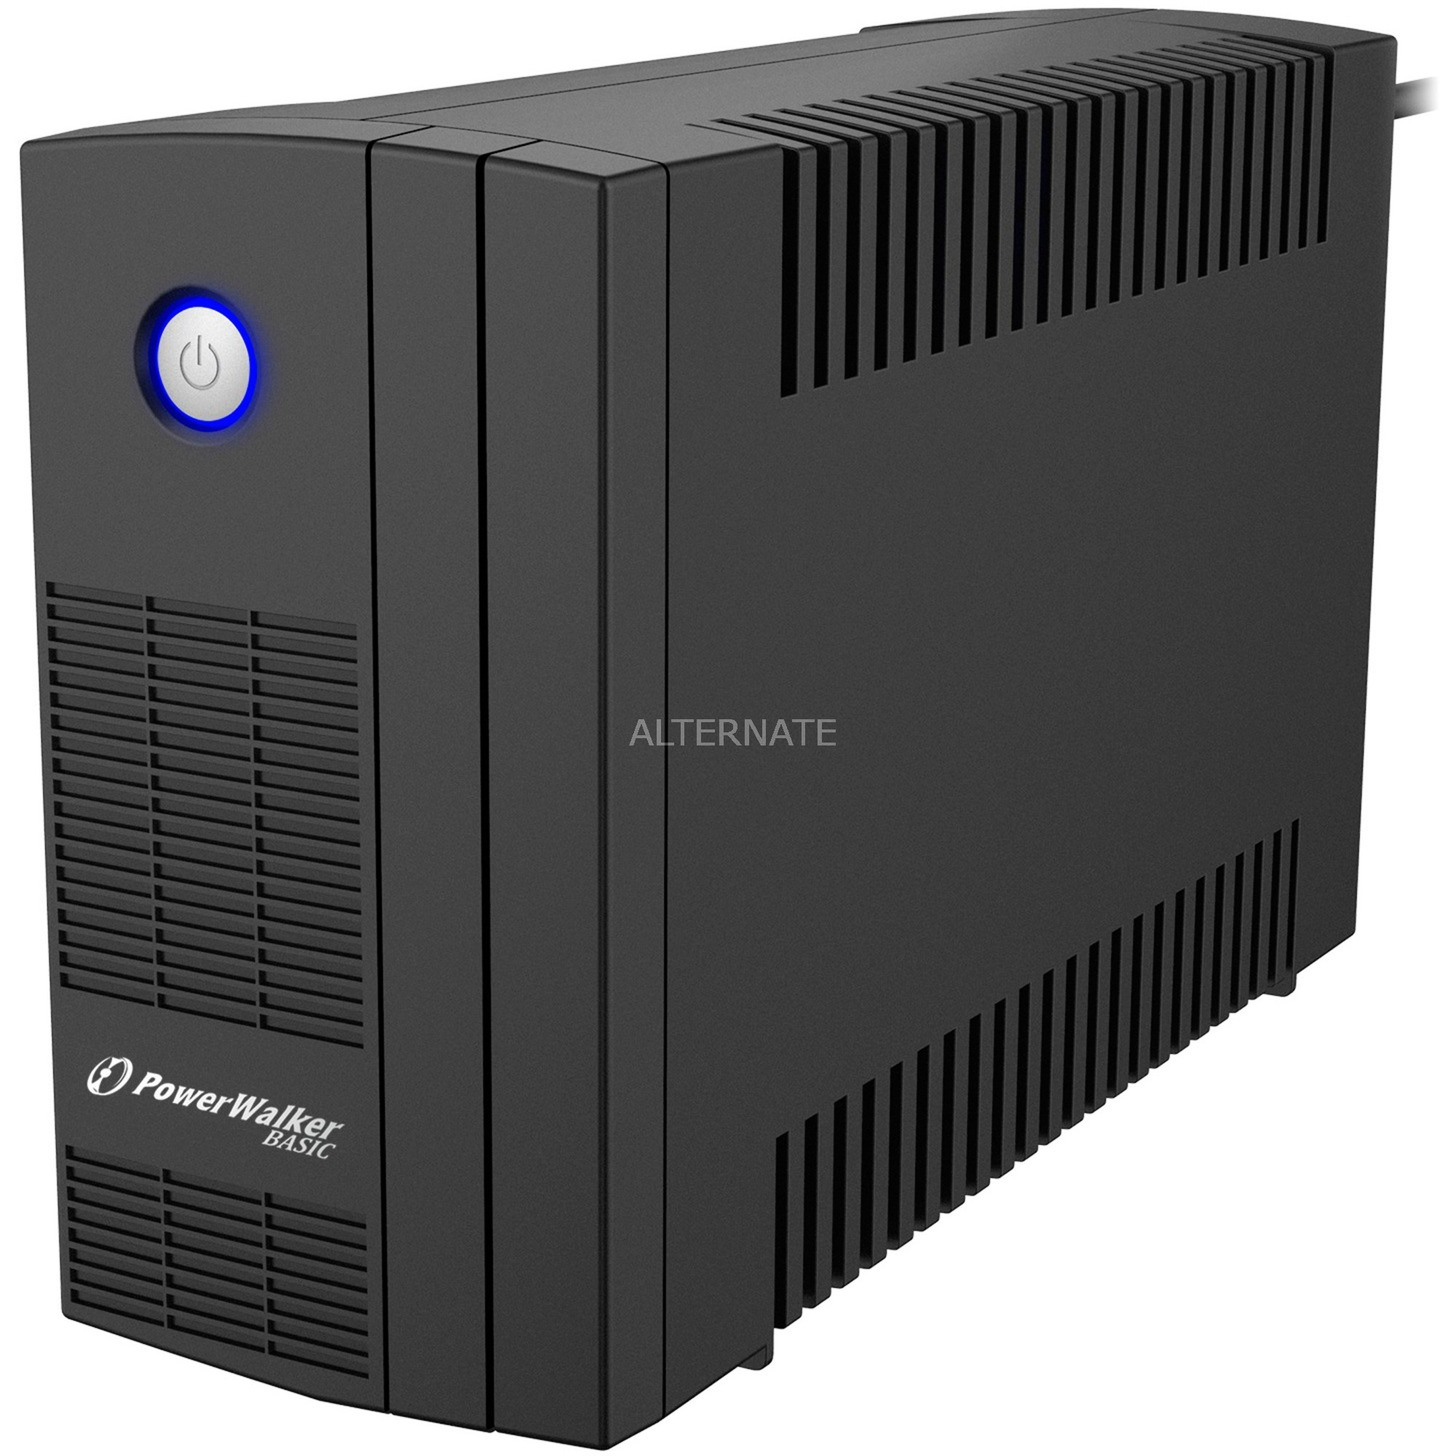 Basic VI 850 SB sistema de alimentación ininterrumpida (UPS) Línea interactiva 850 VA 480 W 2 salidas AC